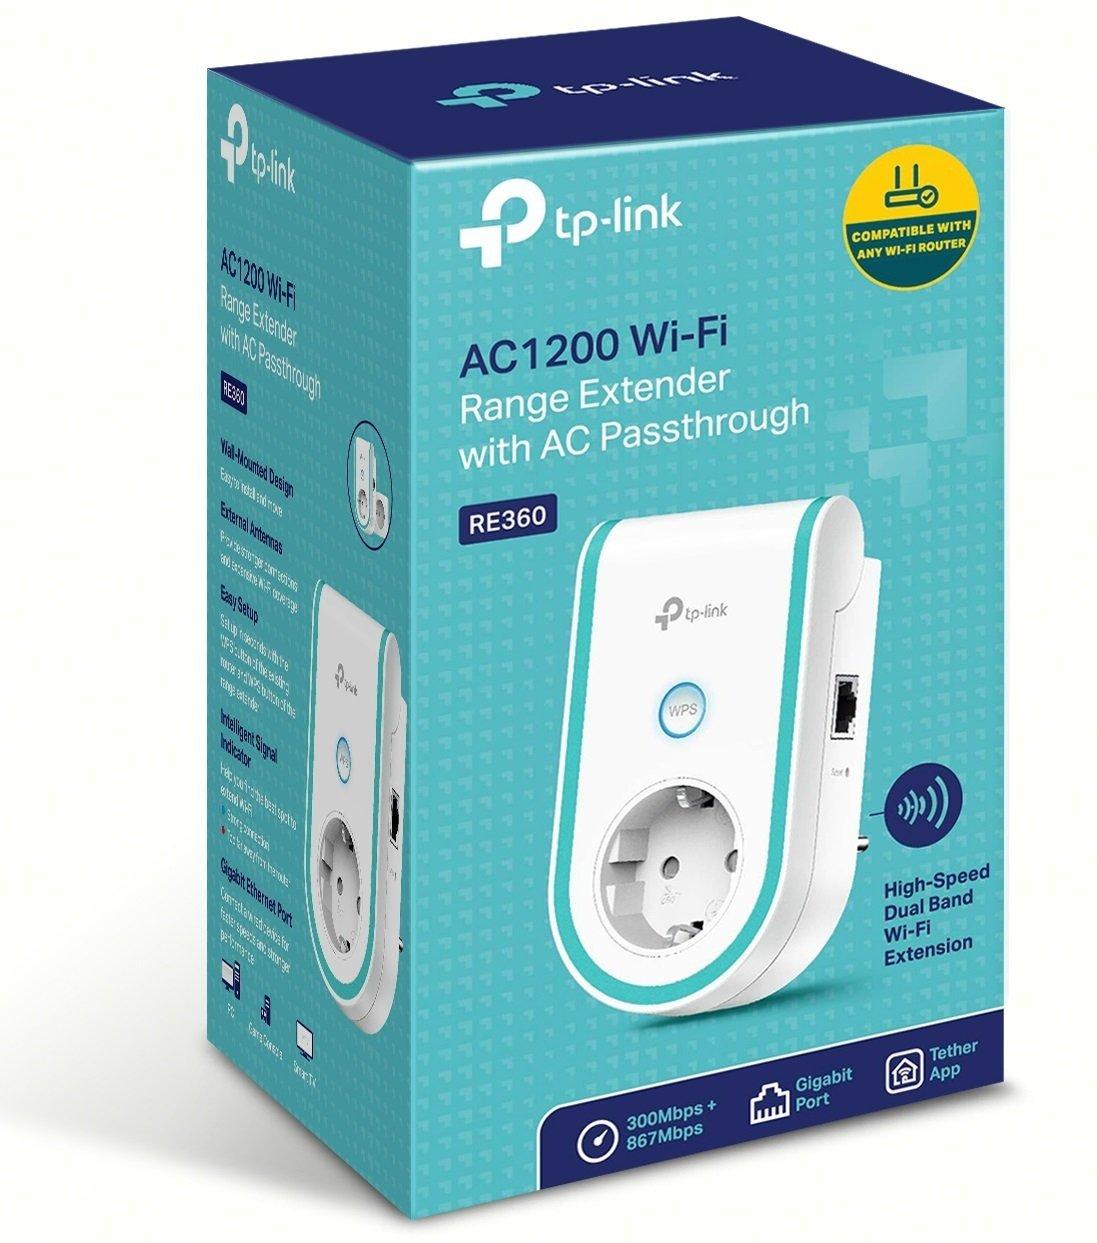 Mejor repetidor wifi 2018 para ampliar la cobertura en 50, 100, 200 y 300 metros cuadrados, TP-Link RE360, instalación, funcionamiento